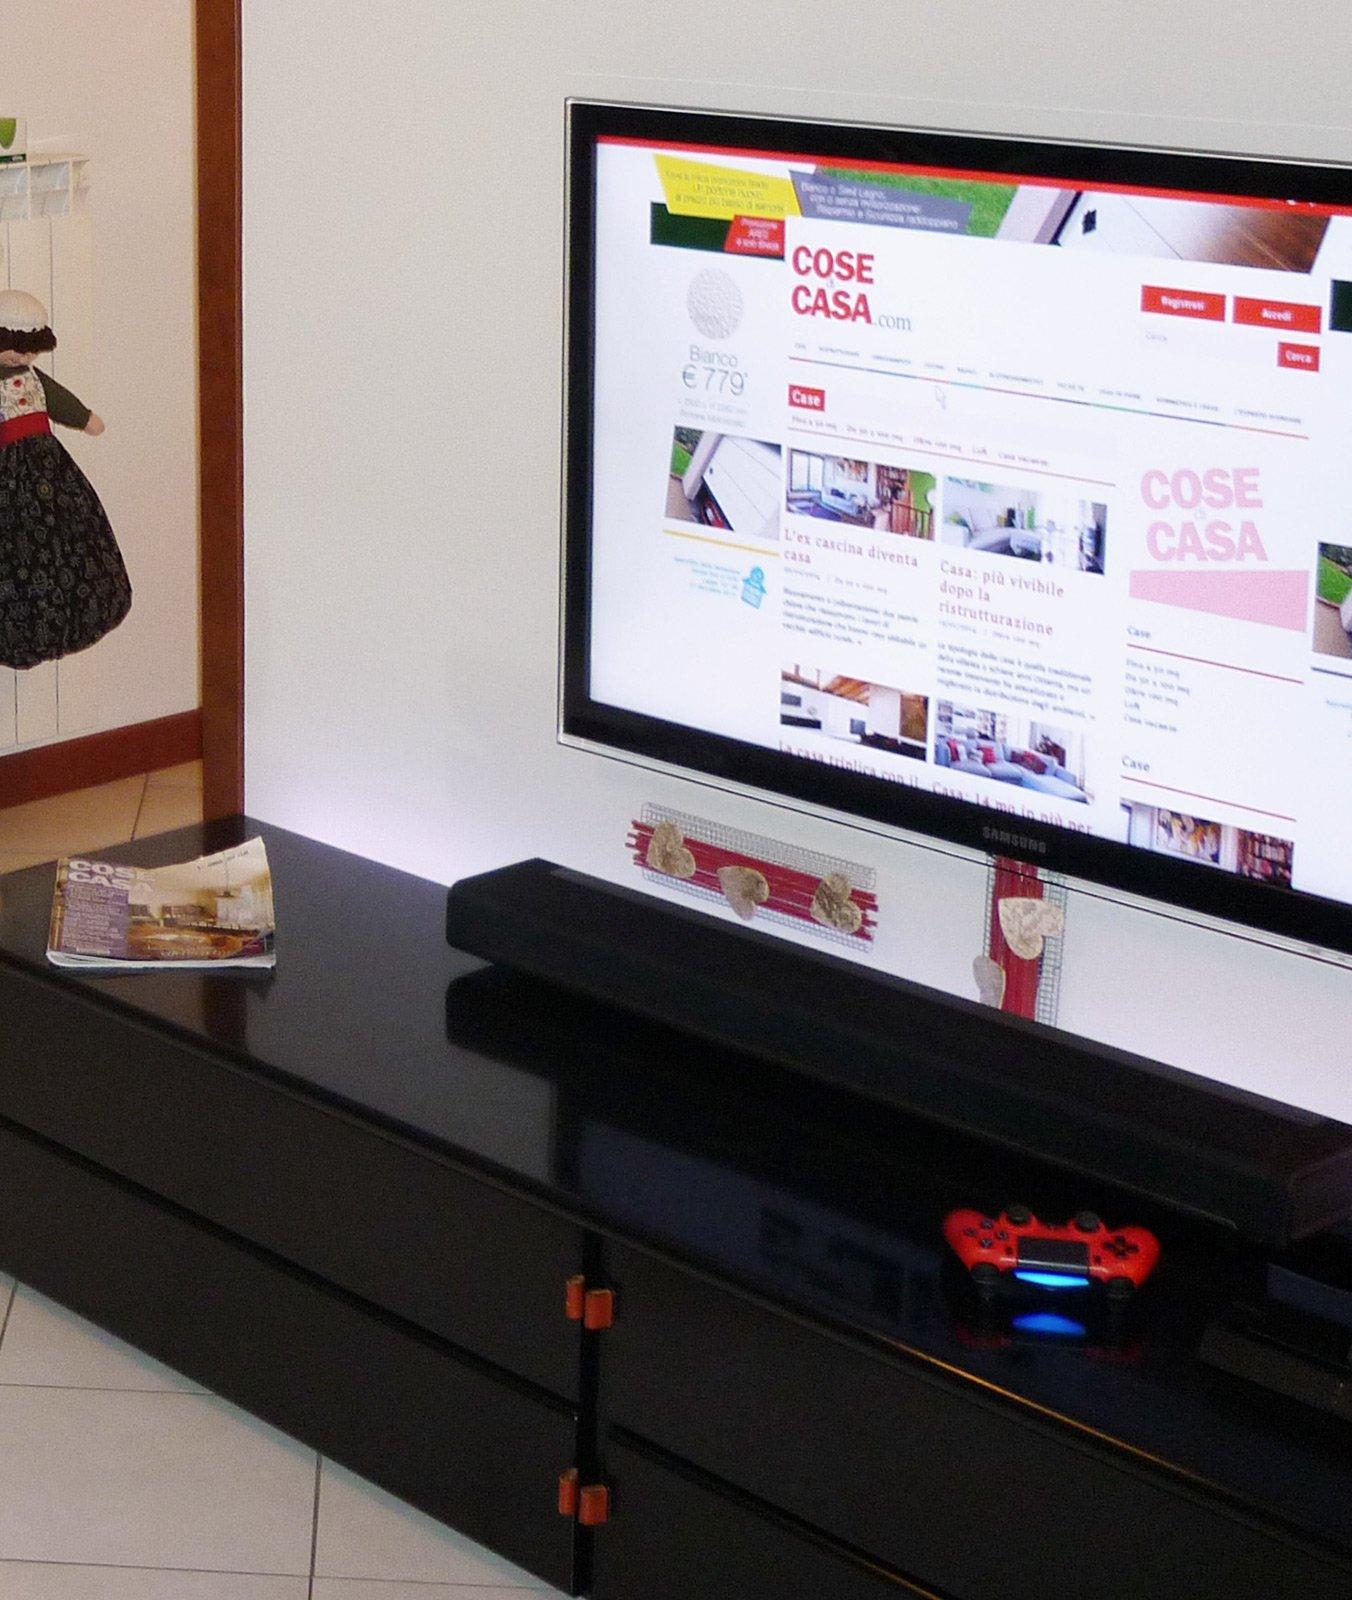 Canalina Per Fili Tv come nascondere sulla parete i fili della tv? - cose di casa